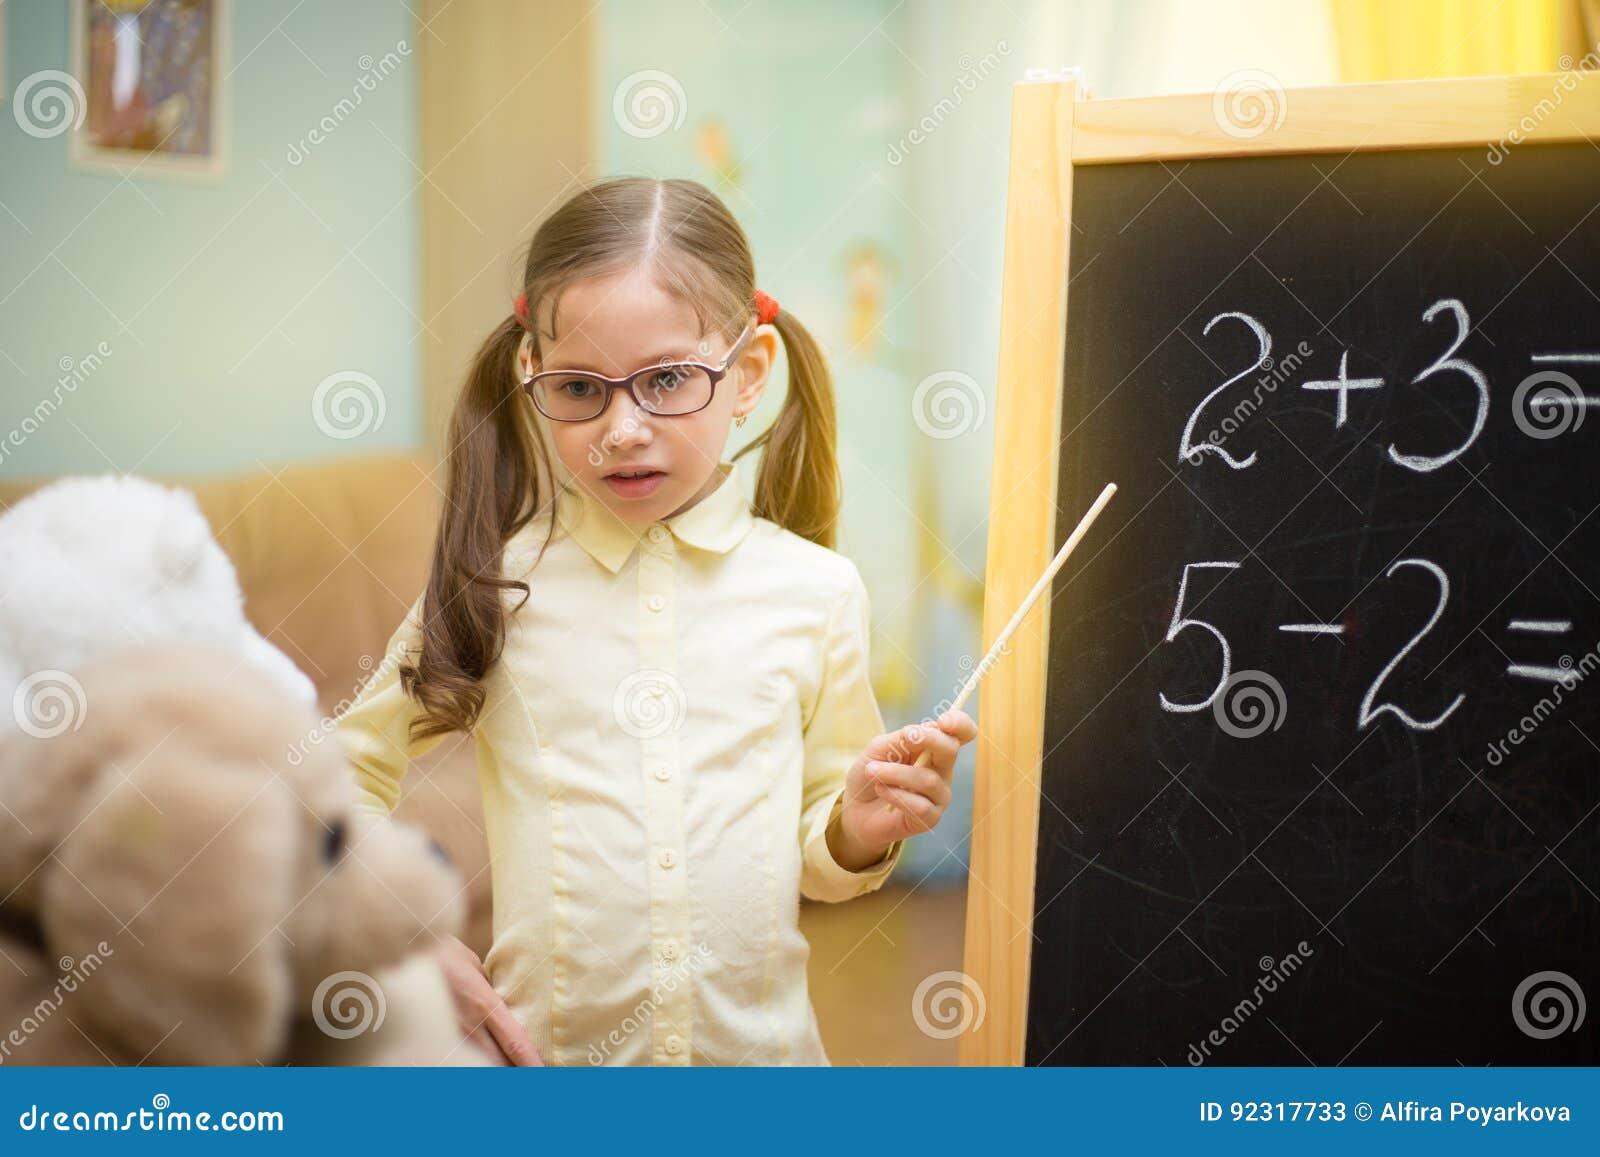 La chica joven hermosa está enseñando a los juguetes en casa en la pizarra Educación casera preescolar